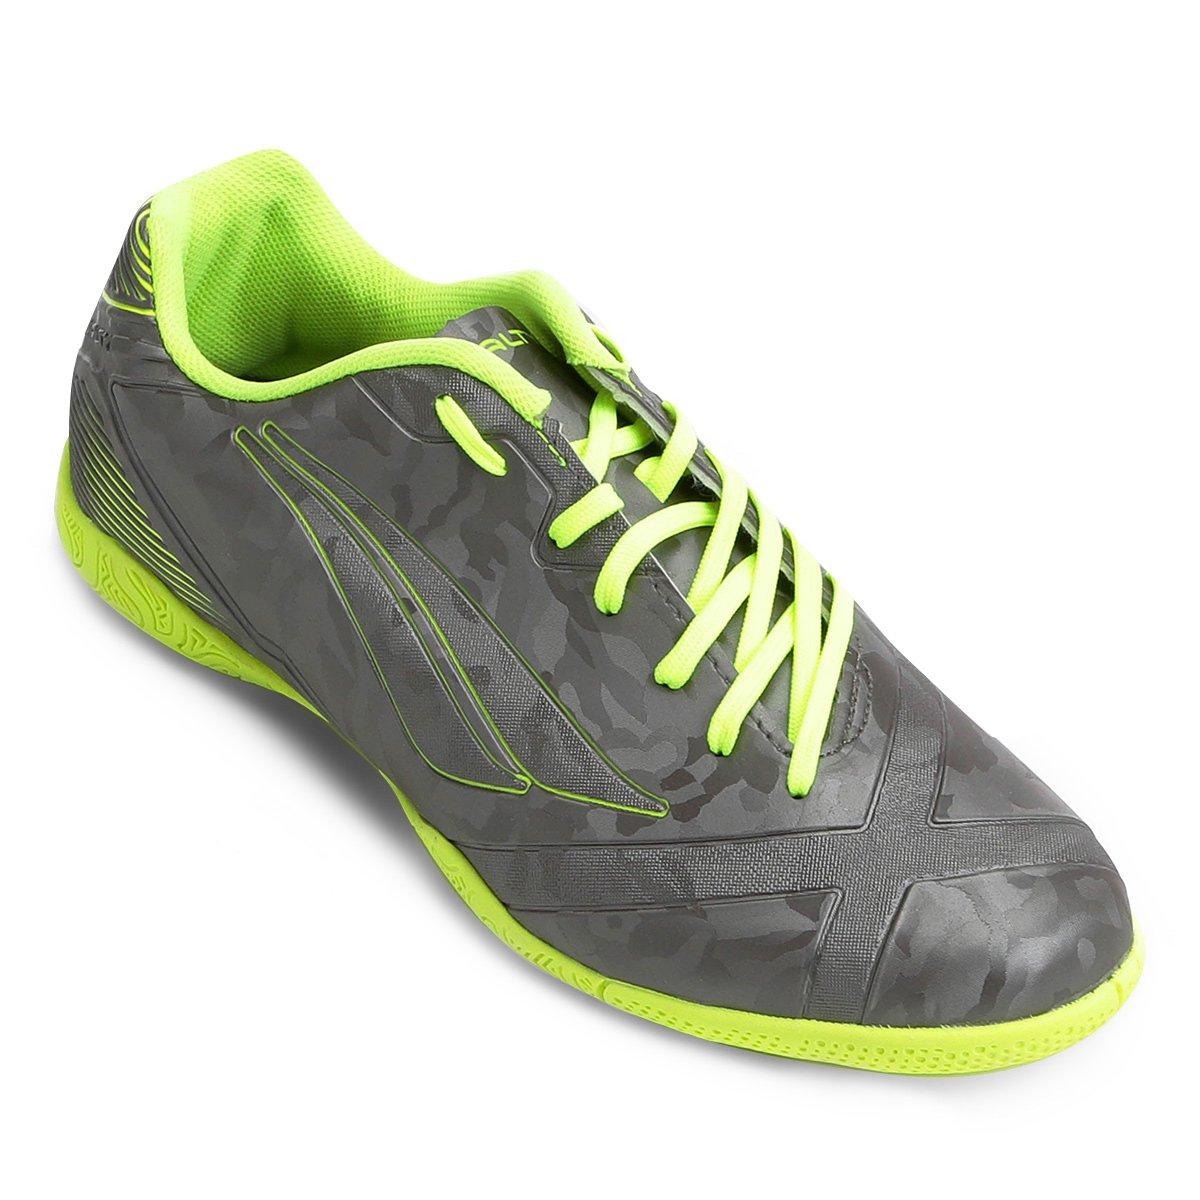 Chuteira Futsal Penalty Victoria RX VIII - Amarelo - Compre Agora ... 34d114e125e05